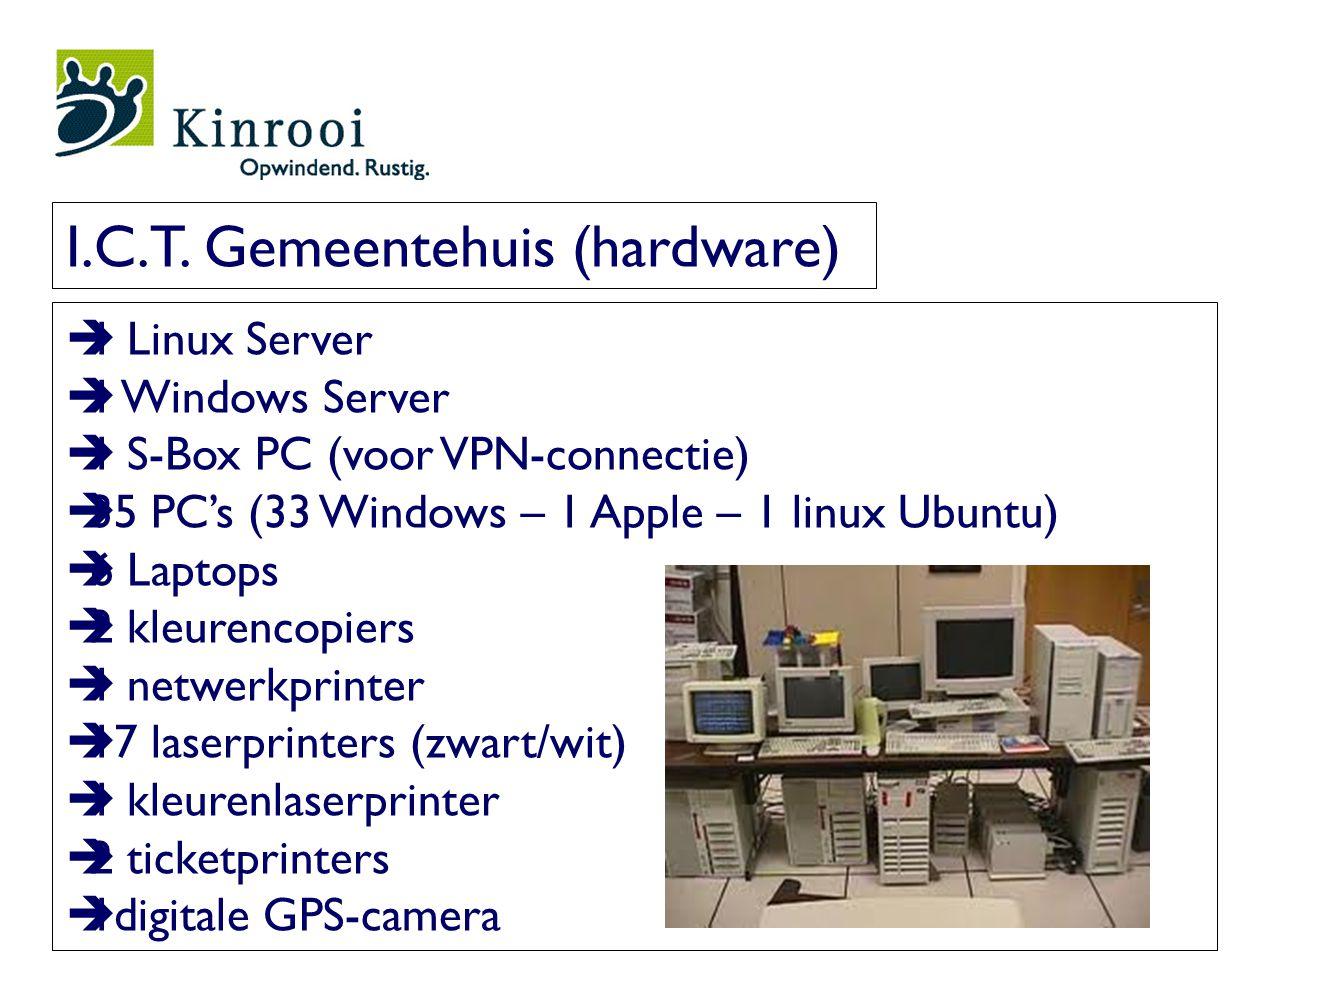  1 Linux Server  1 Windows Server  1 S-Box PC (voor VPN-connectie)  35 PC's (33 Windows – 1 Apple – 1 linux Ubuntu)  6 Laptops  2 kleurencopiers  1 netwerkprinter  17 laserprinters (zwart/wit)  1 kleurenlaserprinter  2 ticketprinters  1digitale GPS-camera I.C.T.